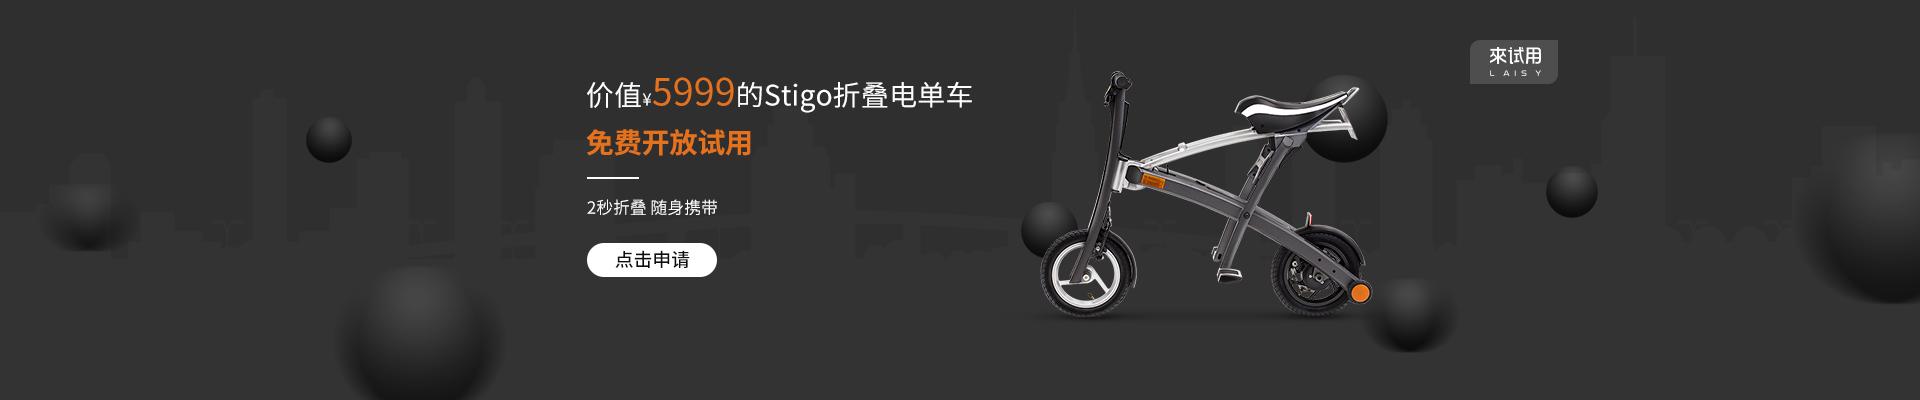 【来试用】价值5999的折叠电单车免费送啦!